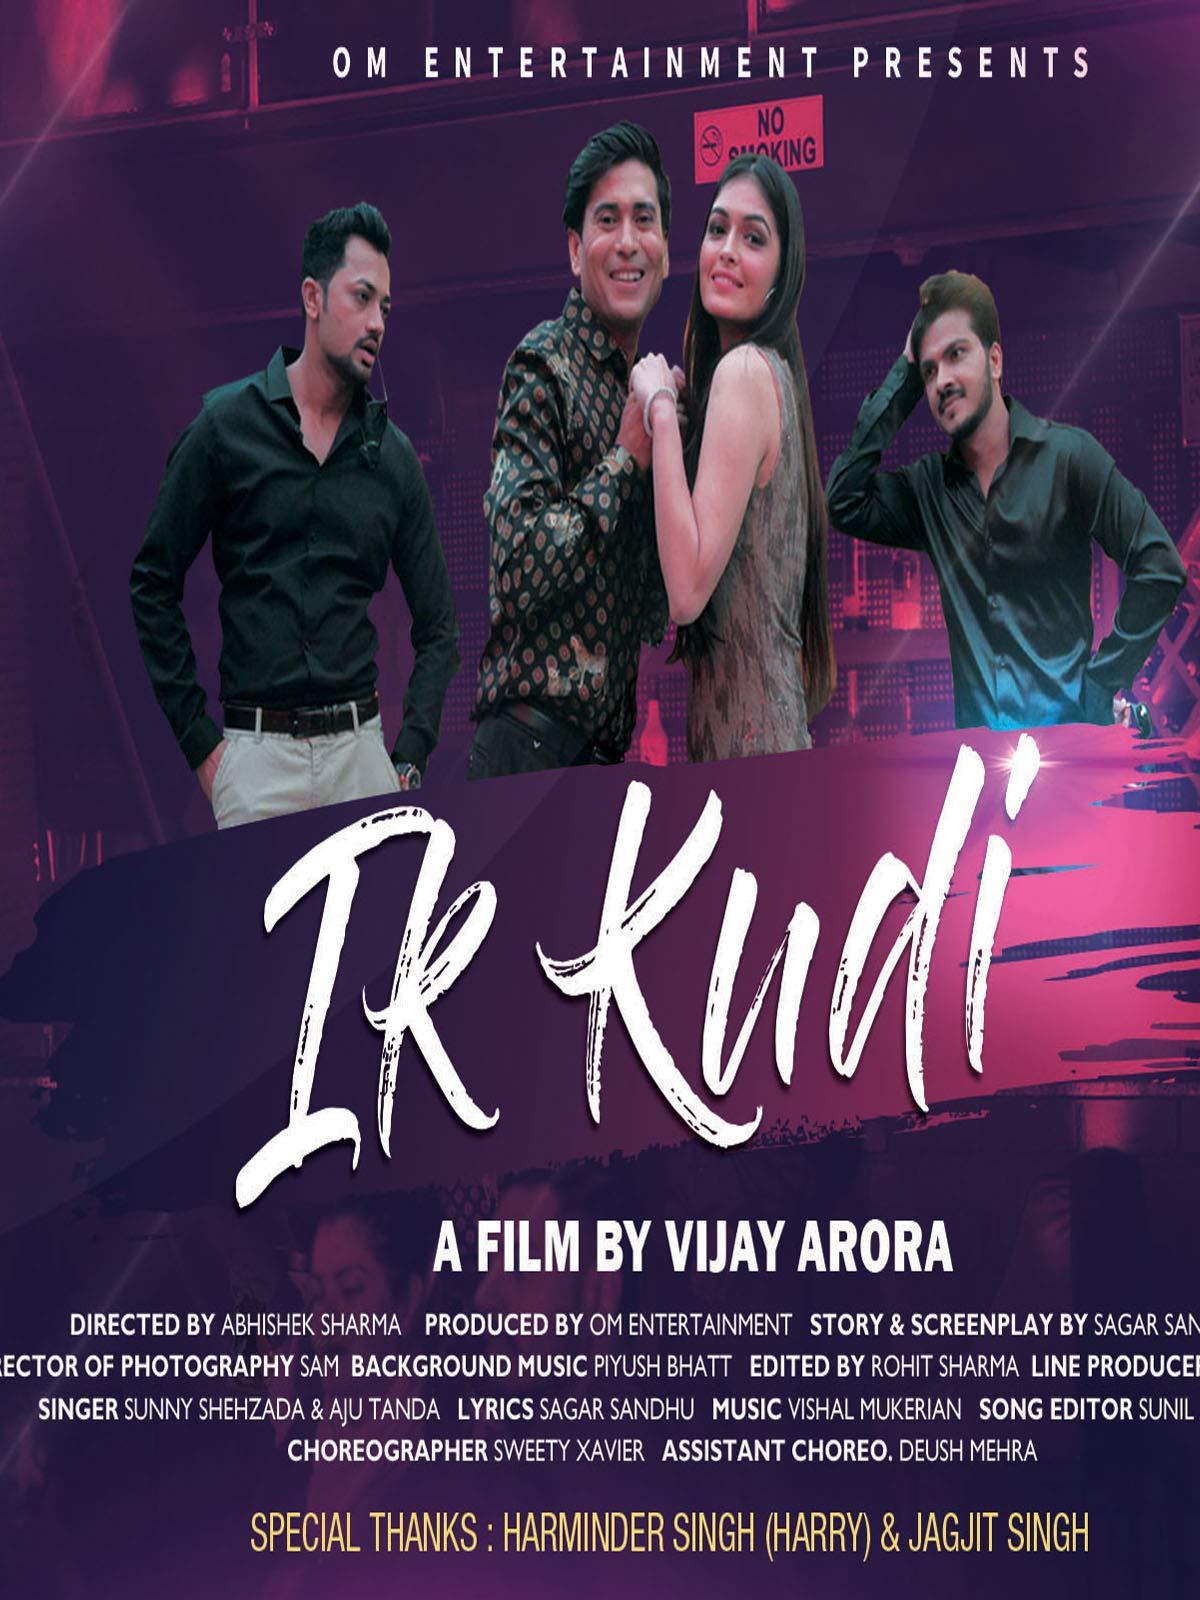 Ik Kudi - A Film By Vijay Arora